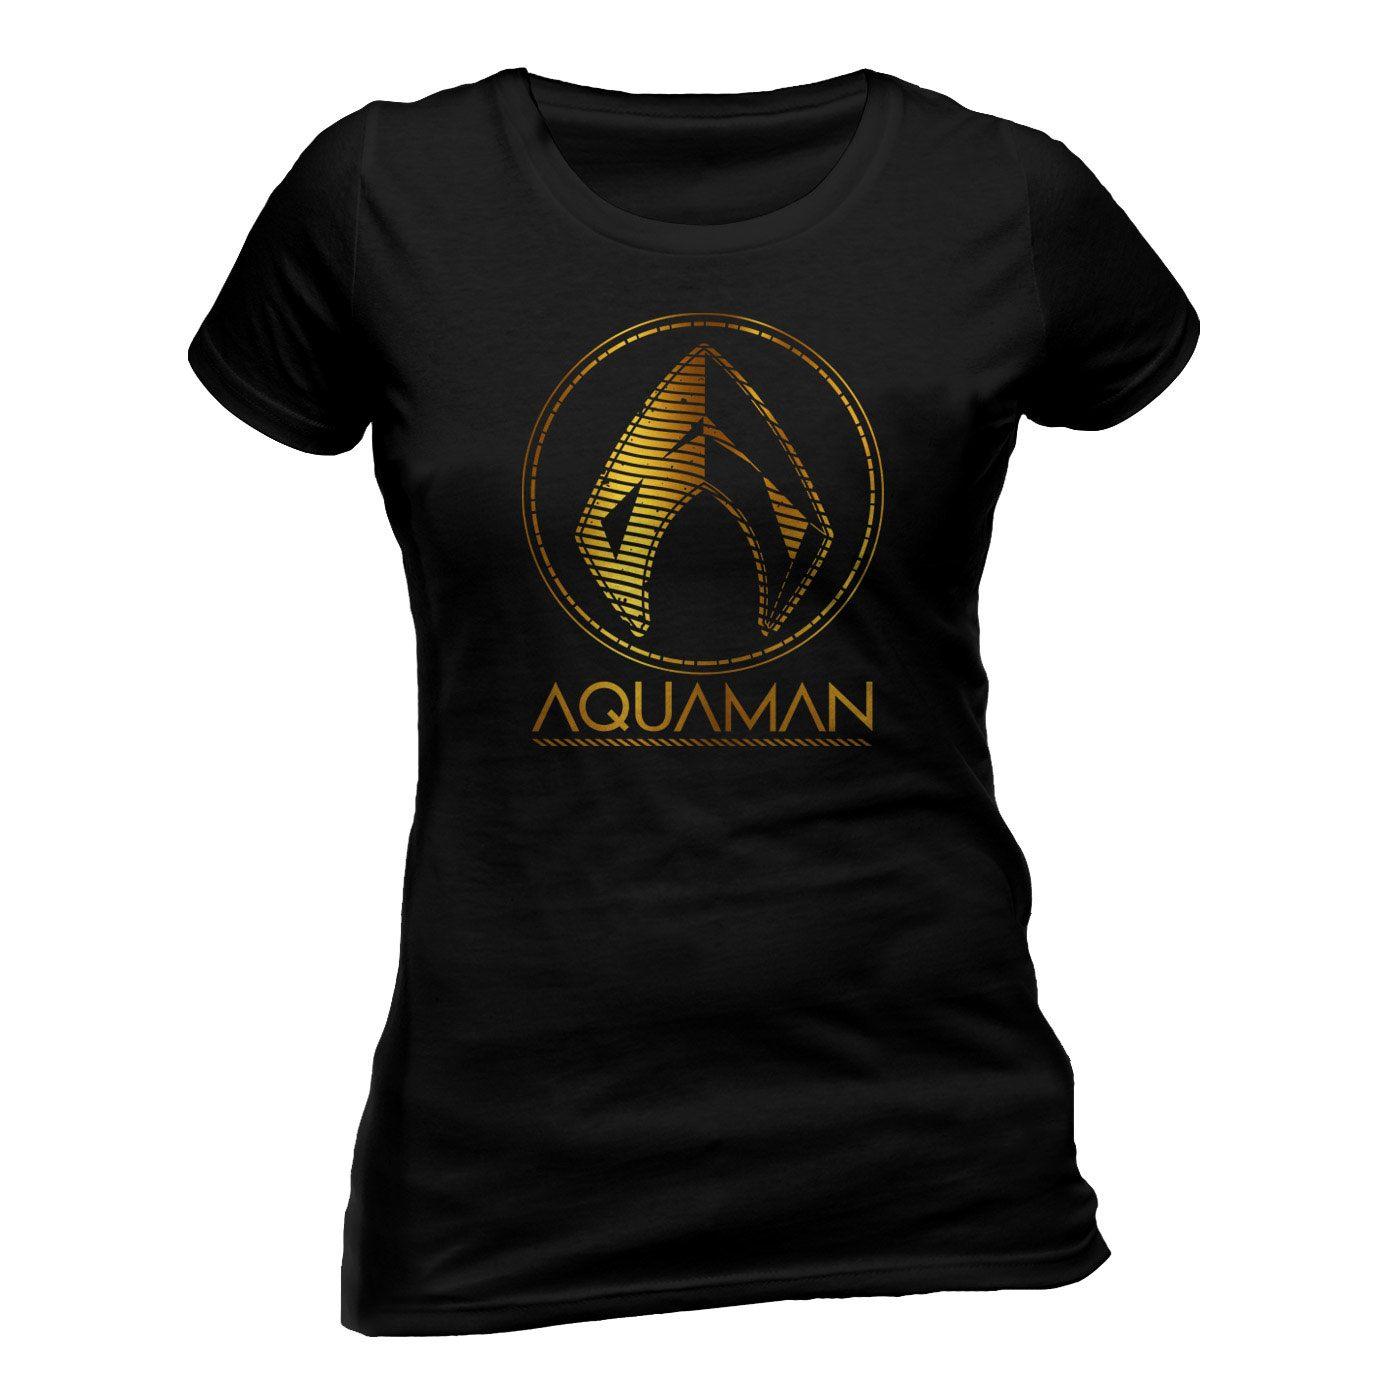 Aquaman Movie Ladies T-Shirt Metallic Symbol Size M